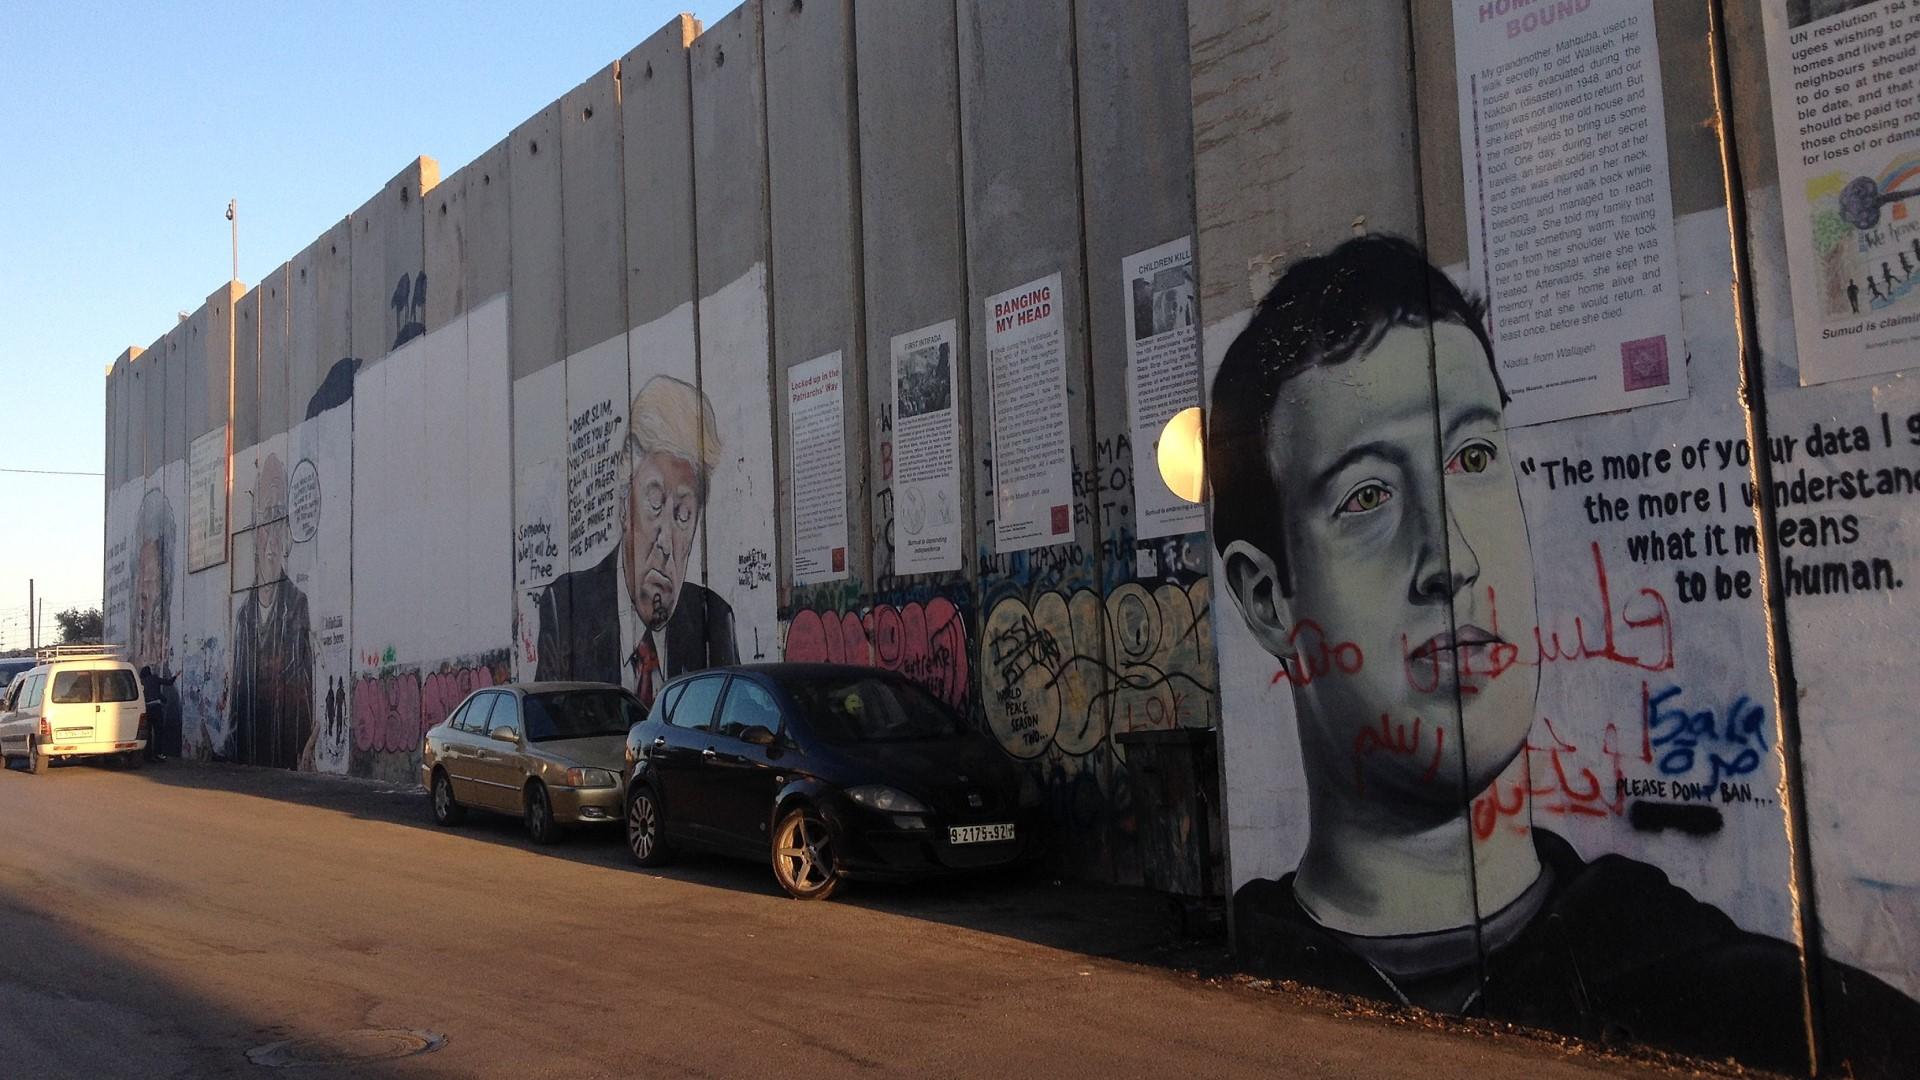 Palesztinellenes elfogultsággal vádolják a Facebookot, független vizsgálatot kér a cég ellen a saját Ellenőrző Bizottsága